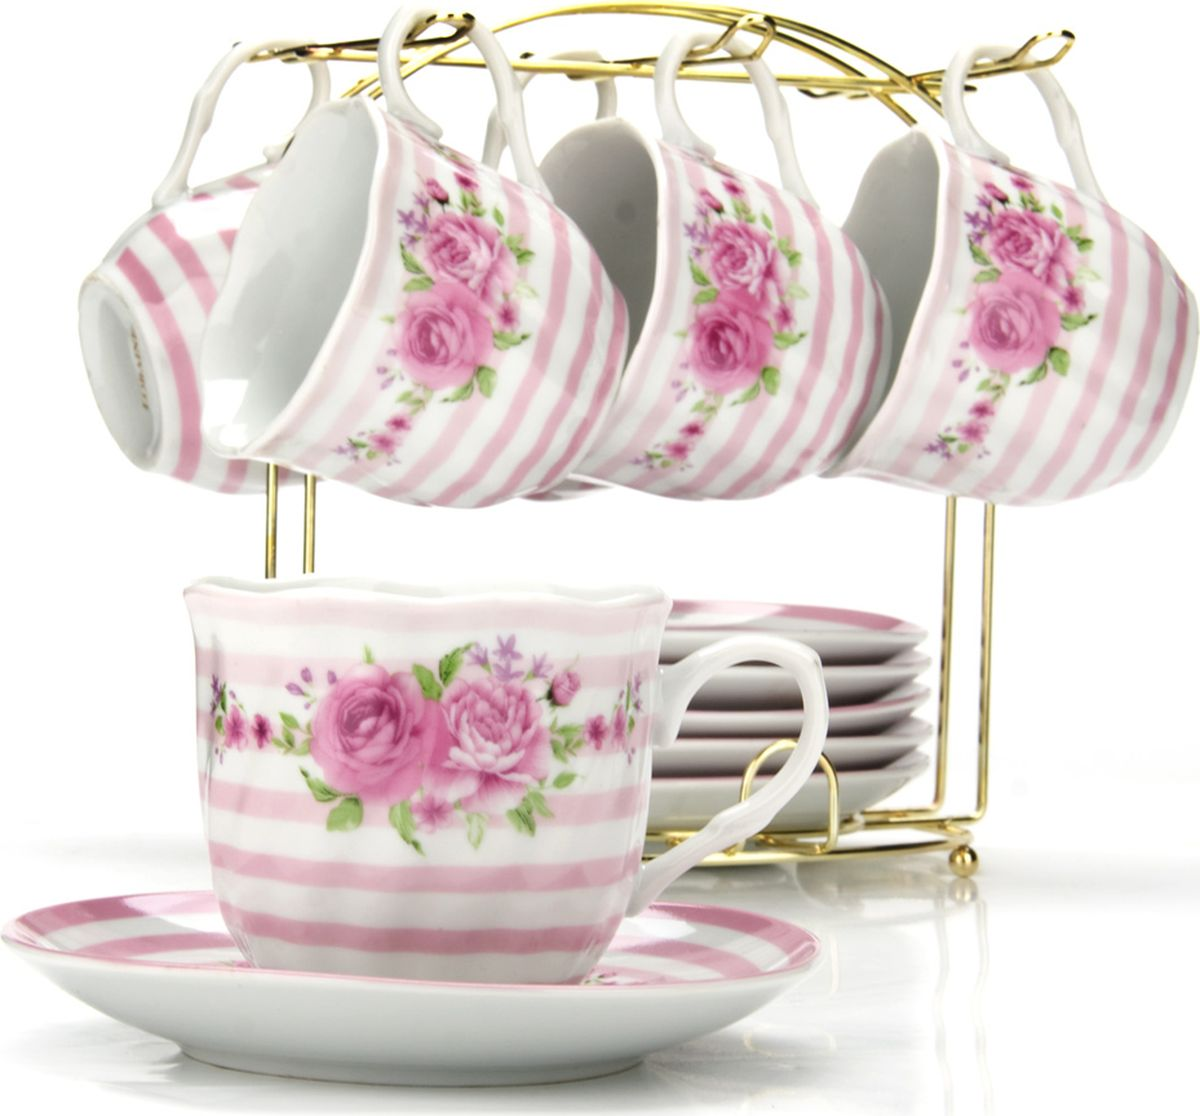 Сервиз чайный Loraine, на подставке, 13 предметов. 4328125937Чайный набор состоит из шести чашек, шести блюдец и металлической подставки золотого цвета. Предметы набора изготовлены из качественного фарфора и оформлены красочным цветным рисунком, стенки чашек имеют изящную волнистую поверхность. Чайный набор идеально подойдет для сервировки стола и станет отличным подарком к любому празднику. Все изделия можно компактно хранить на подставке, входящей в набор. Подходит для мытья в посудомоечной машине.Диаметр чашки: 8 см.Высота чашки: 7 см.Объем чашки: 200 мл.Диаметр блюдца: 13,5 см.